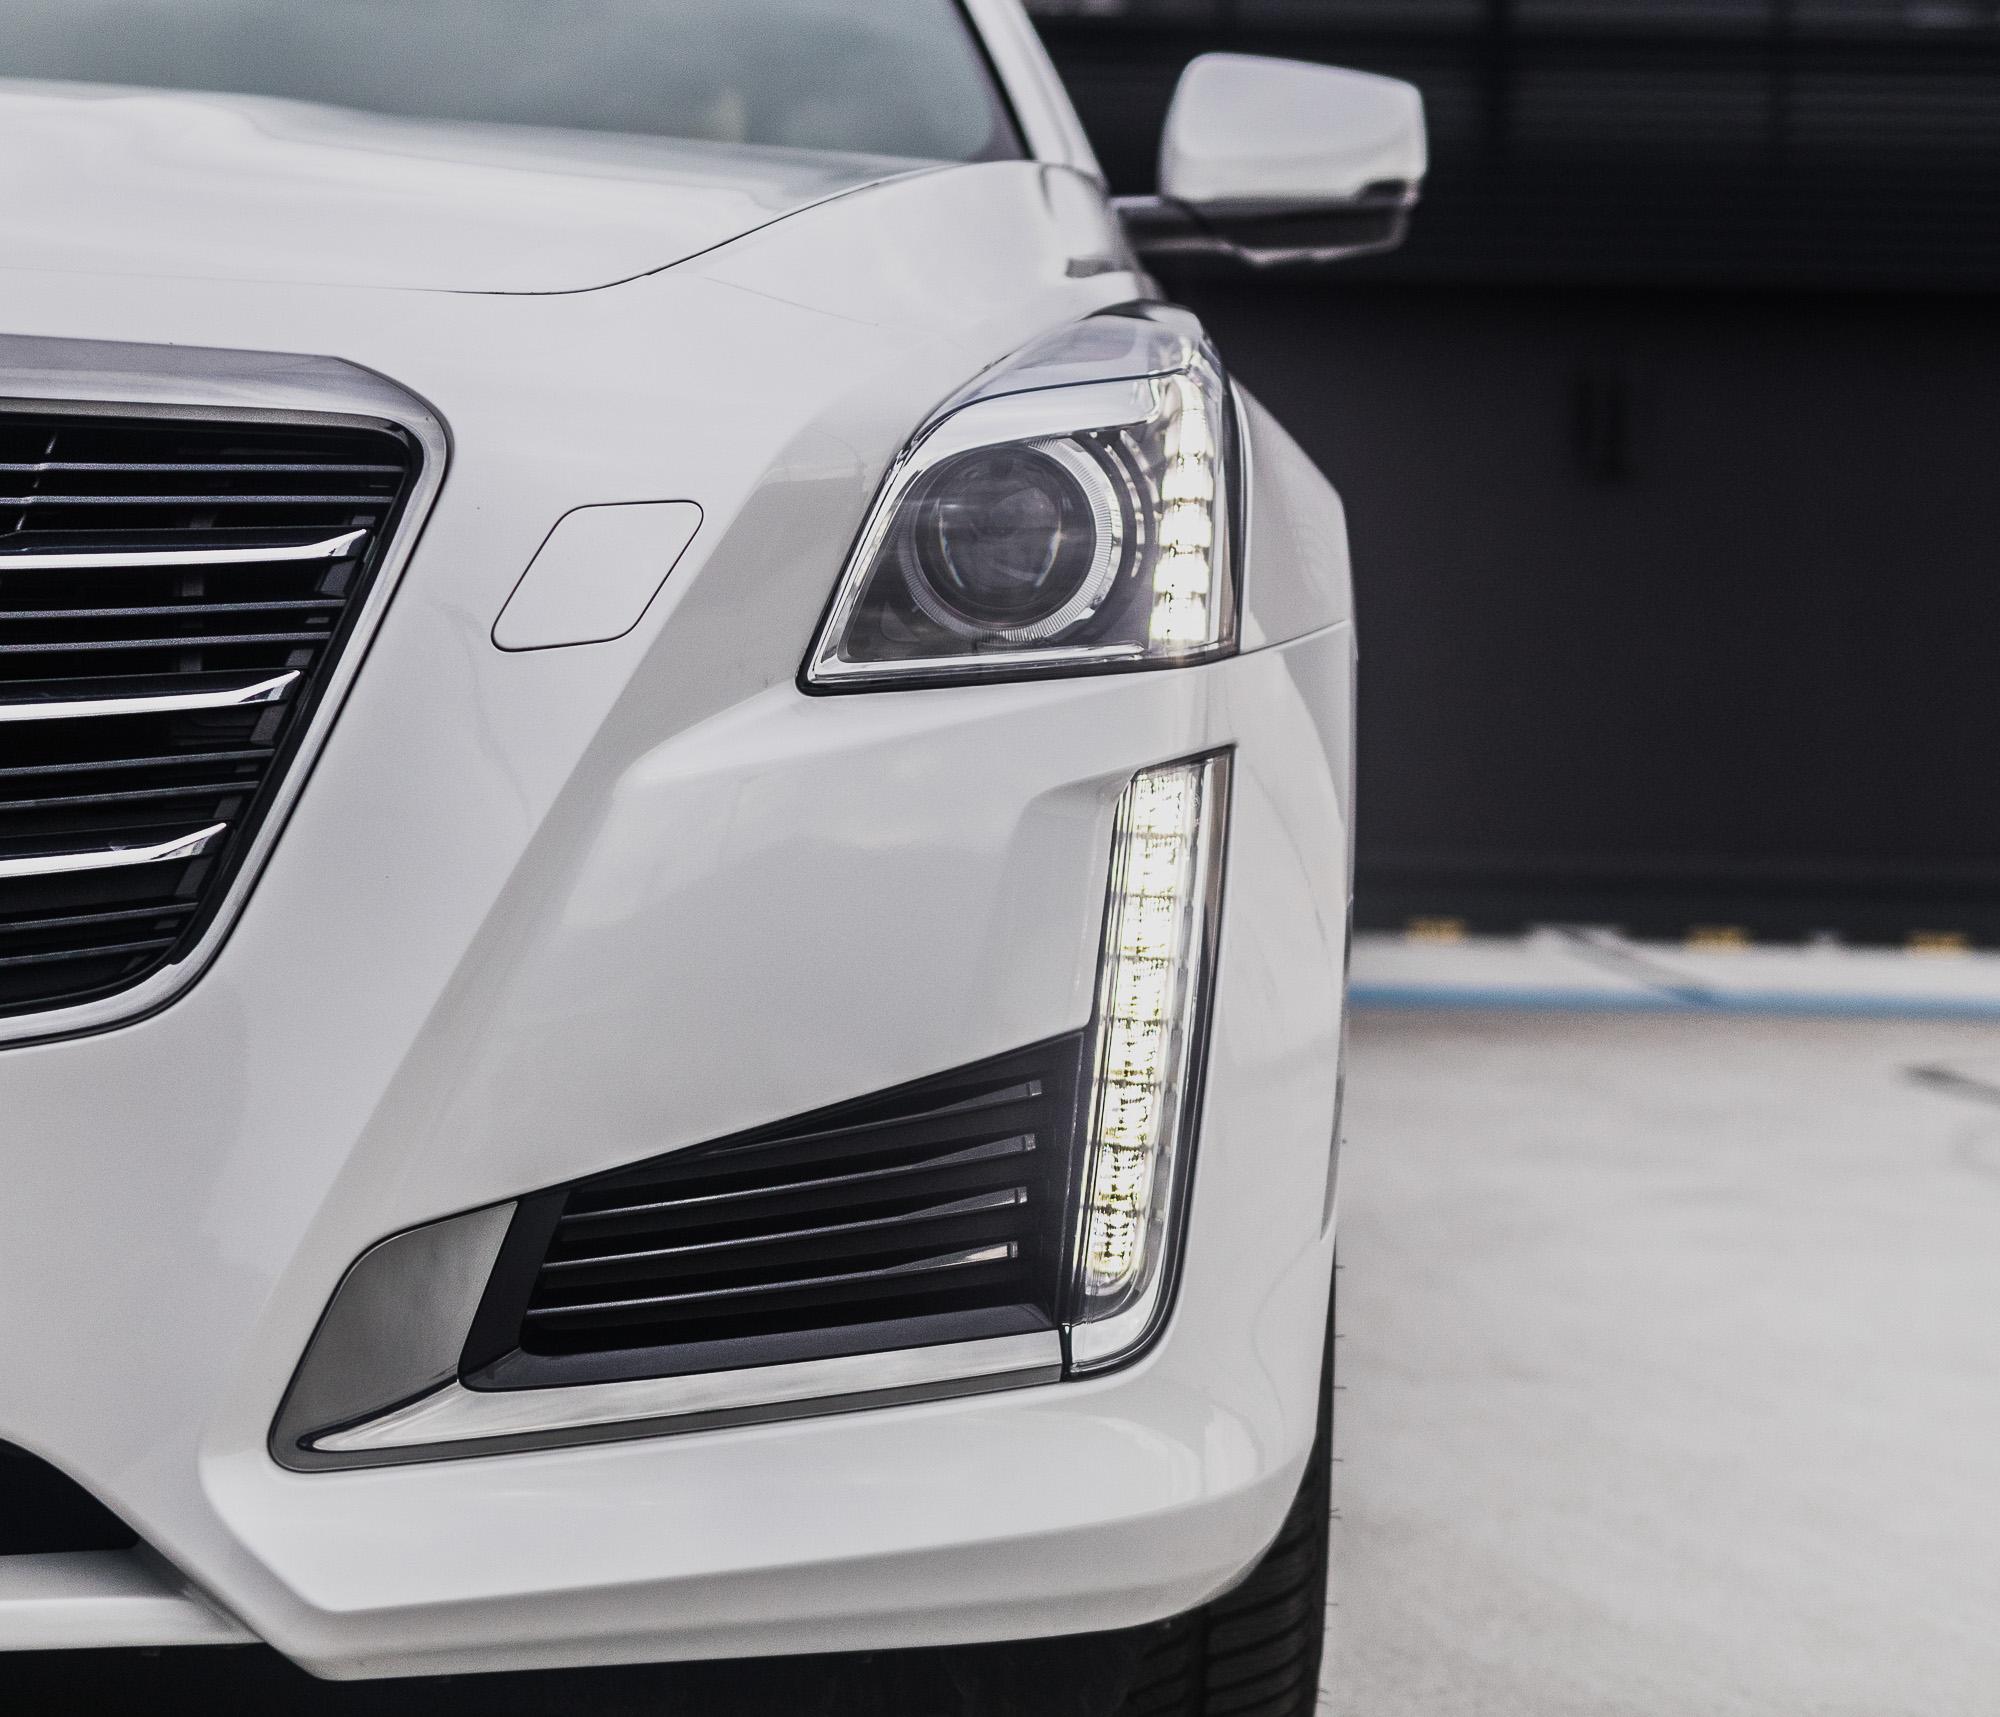 2019 Cadillac Cts V Review Test Drive Automotive Addicts: Amerykanin Z Wizytą W Warszawie. Jeździłem Cadillakiem CTS